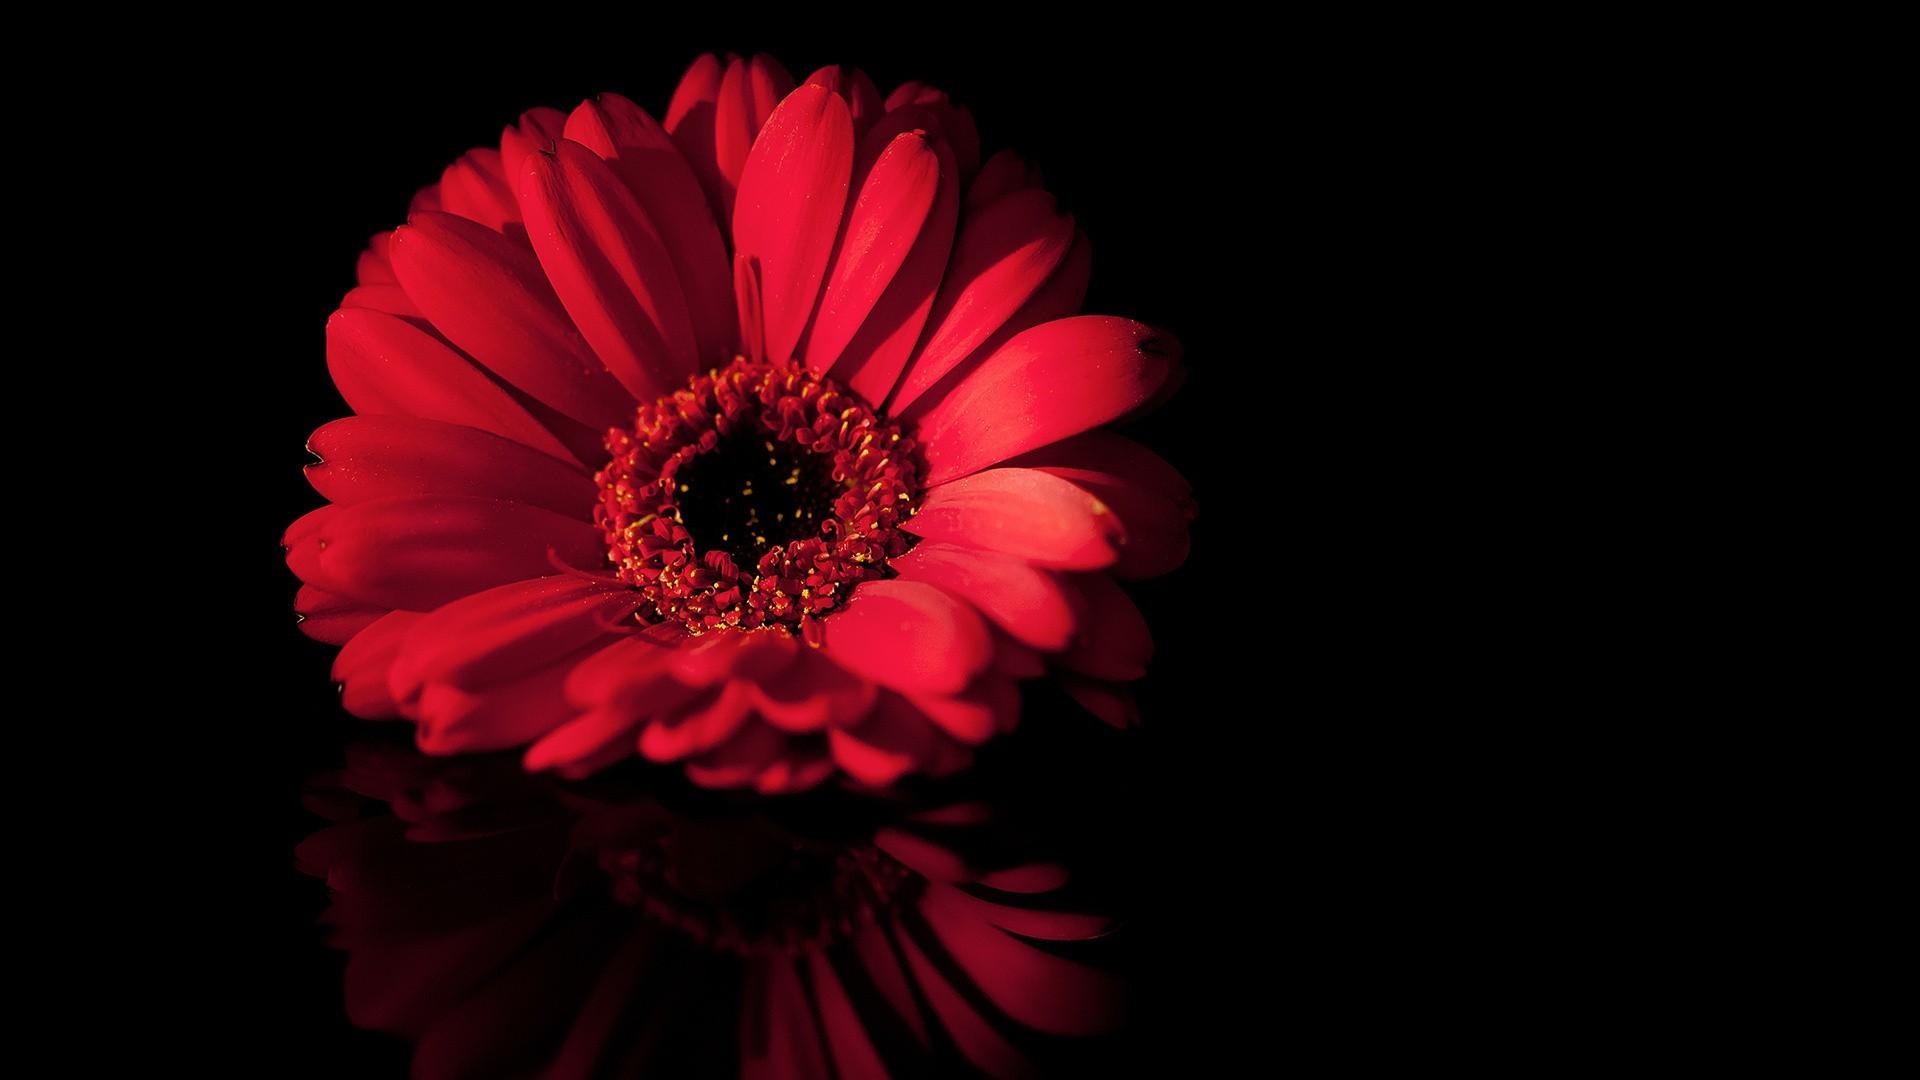 Sfondi Sfondo Semplice Rosso Fiori Rossi Fiore Petalo Bianco